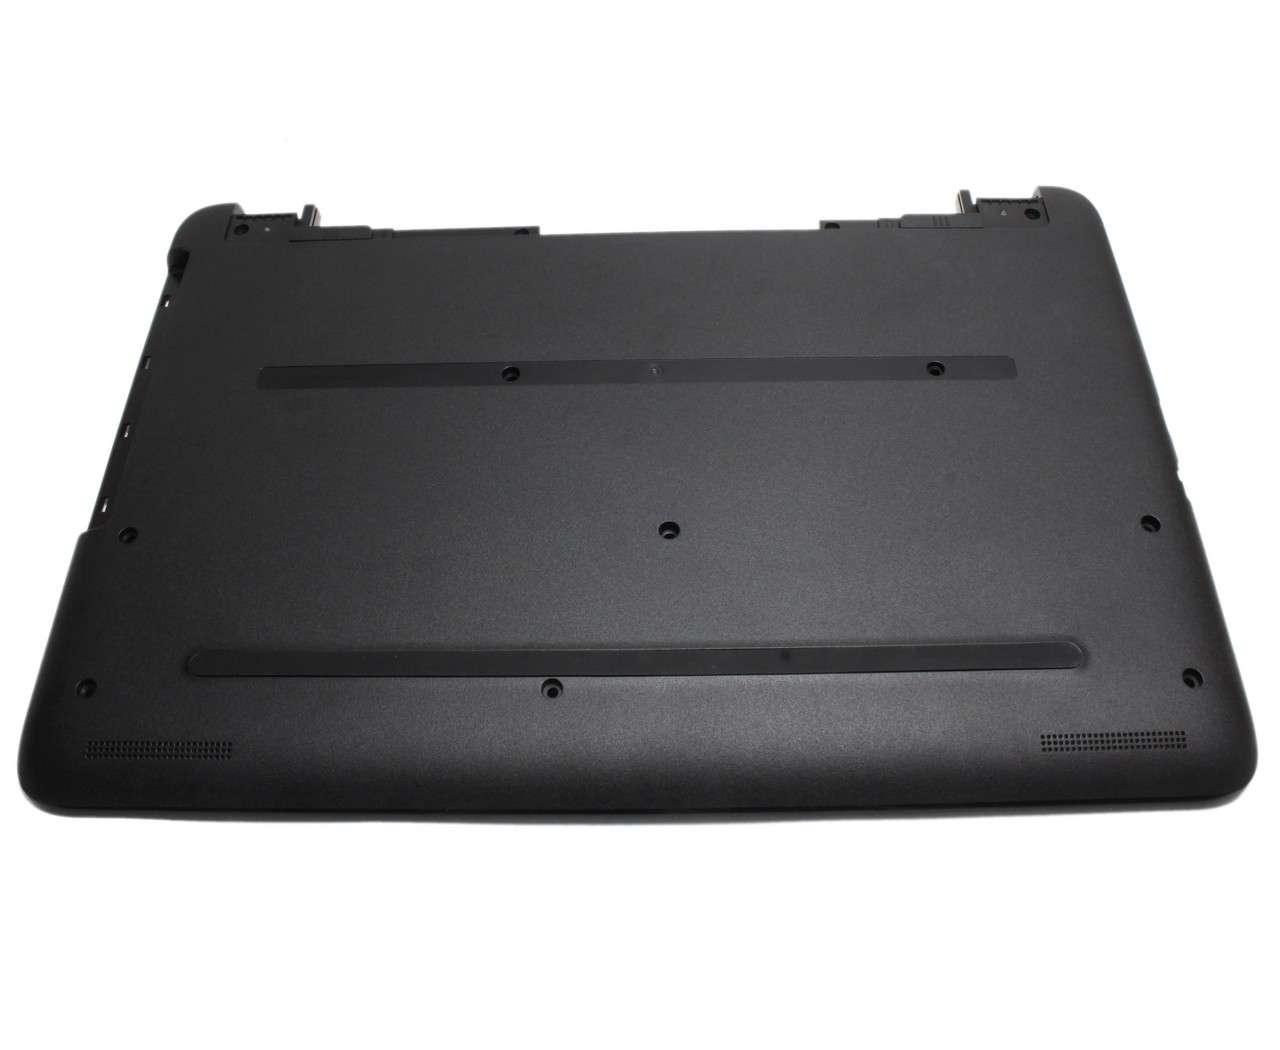 Bottom Case HP 814614-001 Carcasa Inferioara Neagra imagine powerlaptop.ro 2021